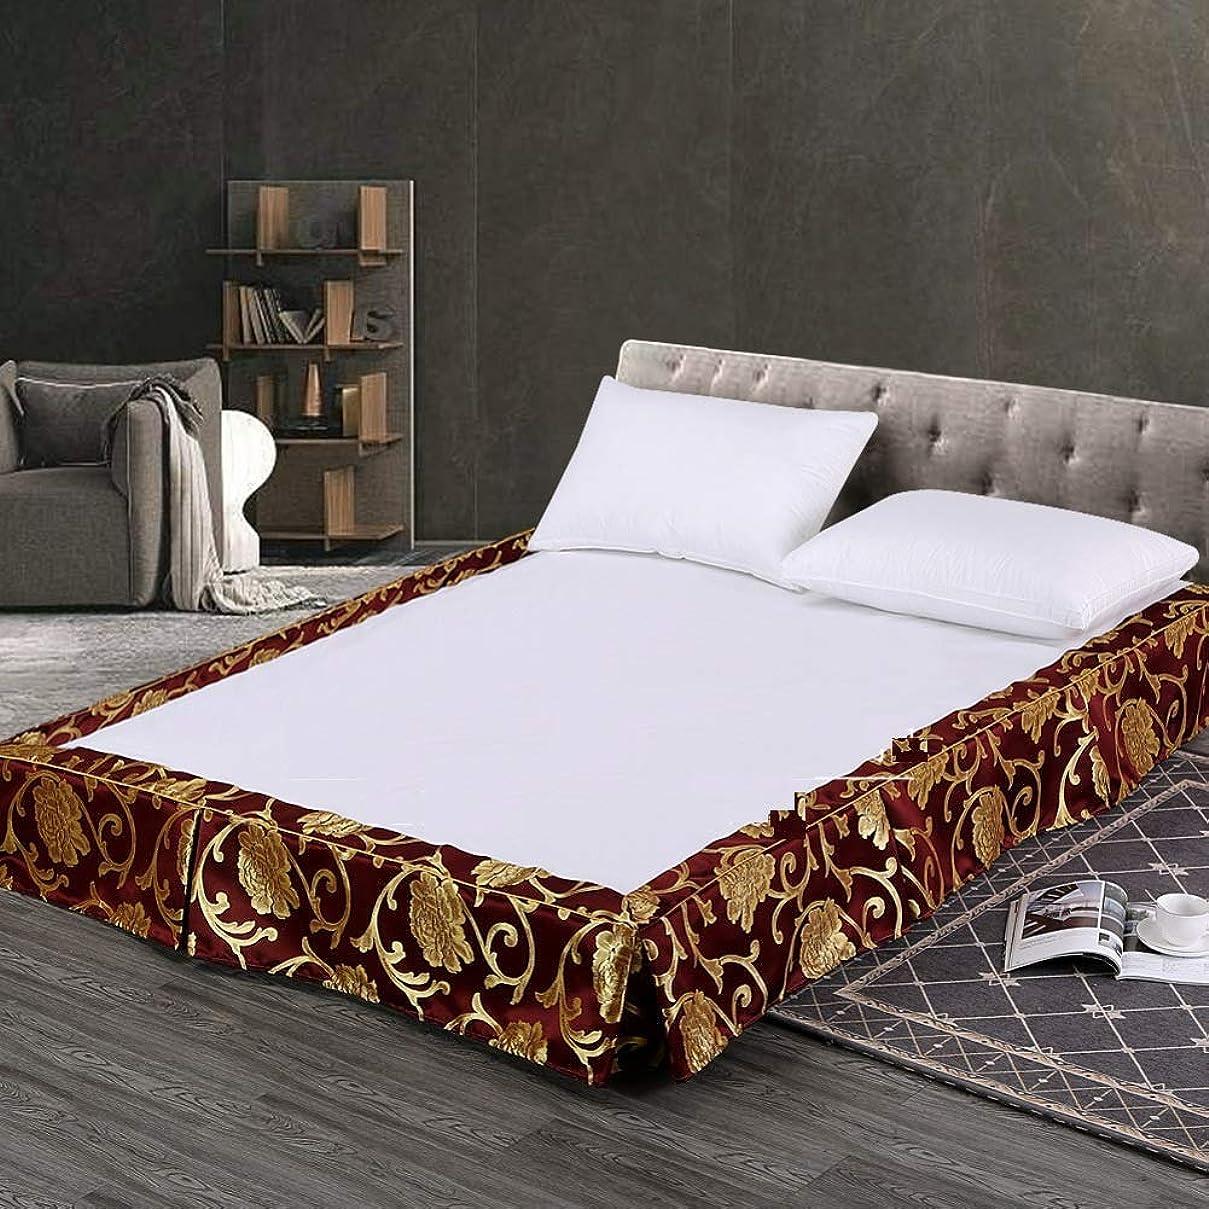 肌散文機密ホテル ベッド カバー ポリエステル ベッドスカート,ダブル プリーツベース ほこり バランス シート 簡単フィット ベッド カバー バランス シート-b